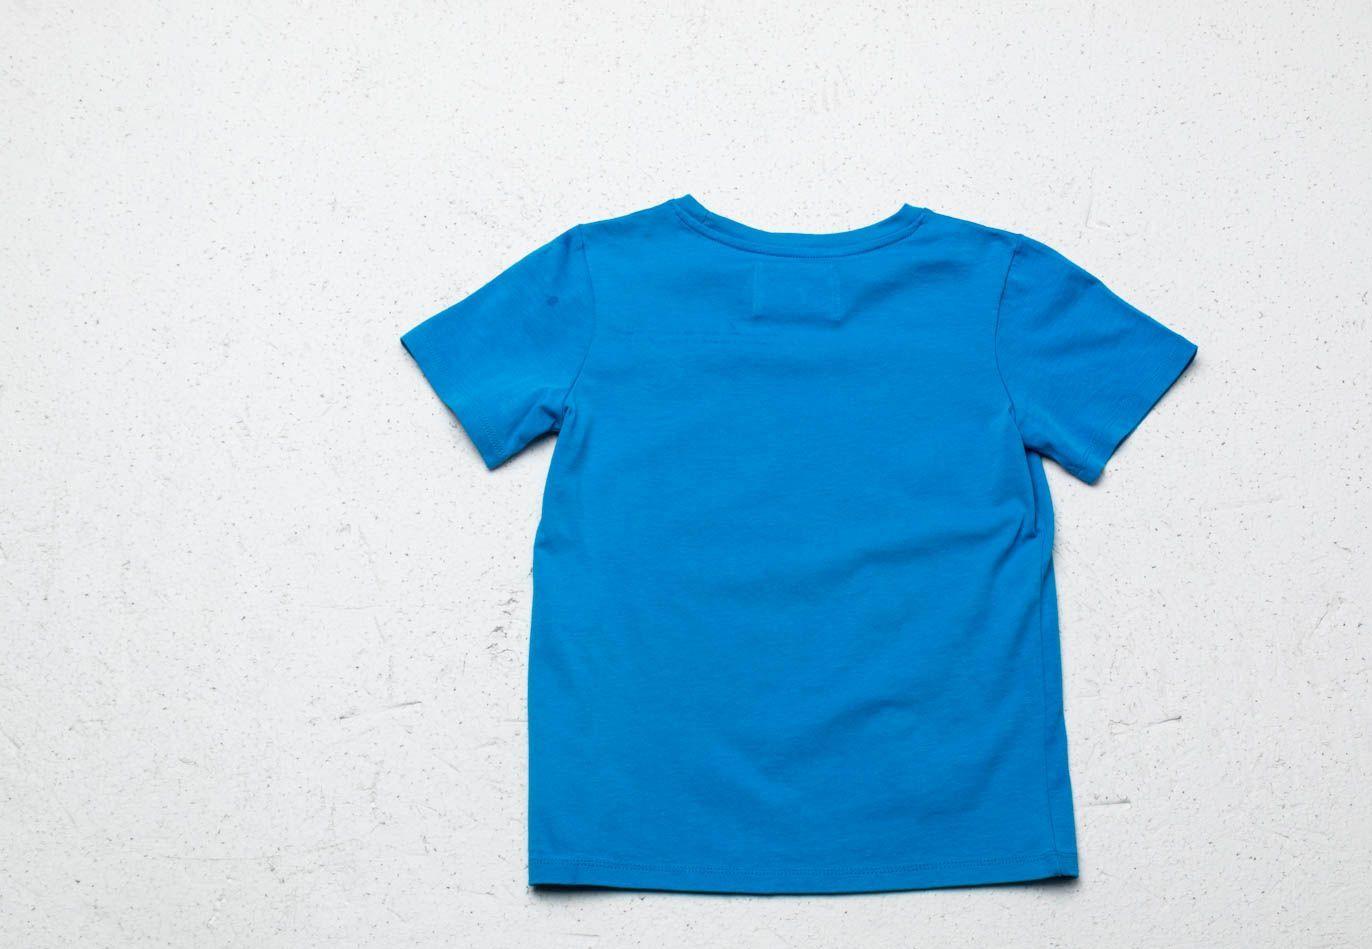 WOOD WOOD Kids Ola Tee Blue